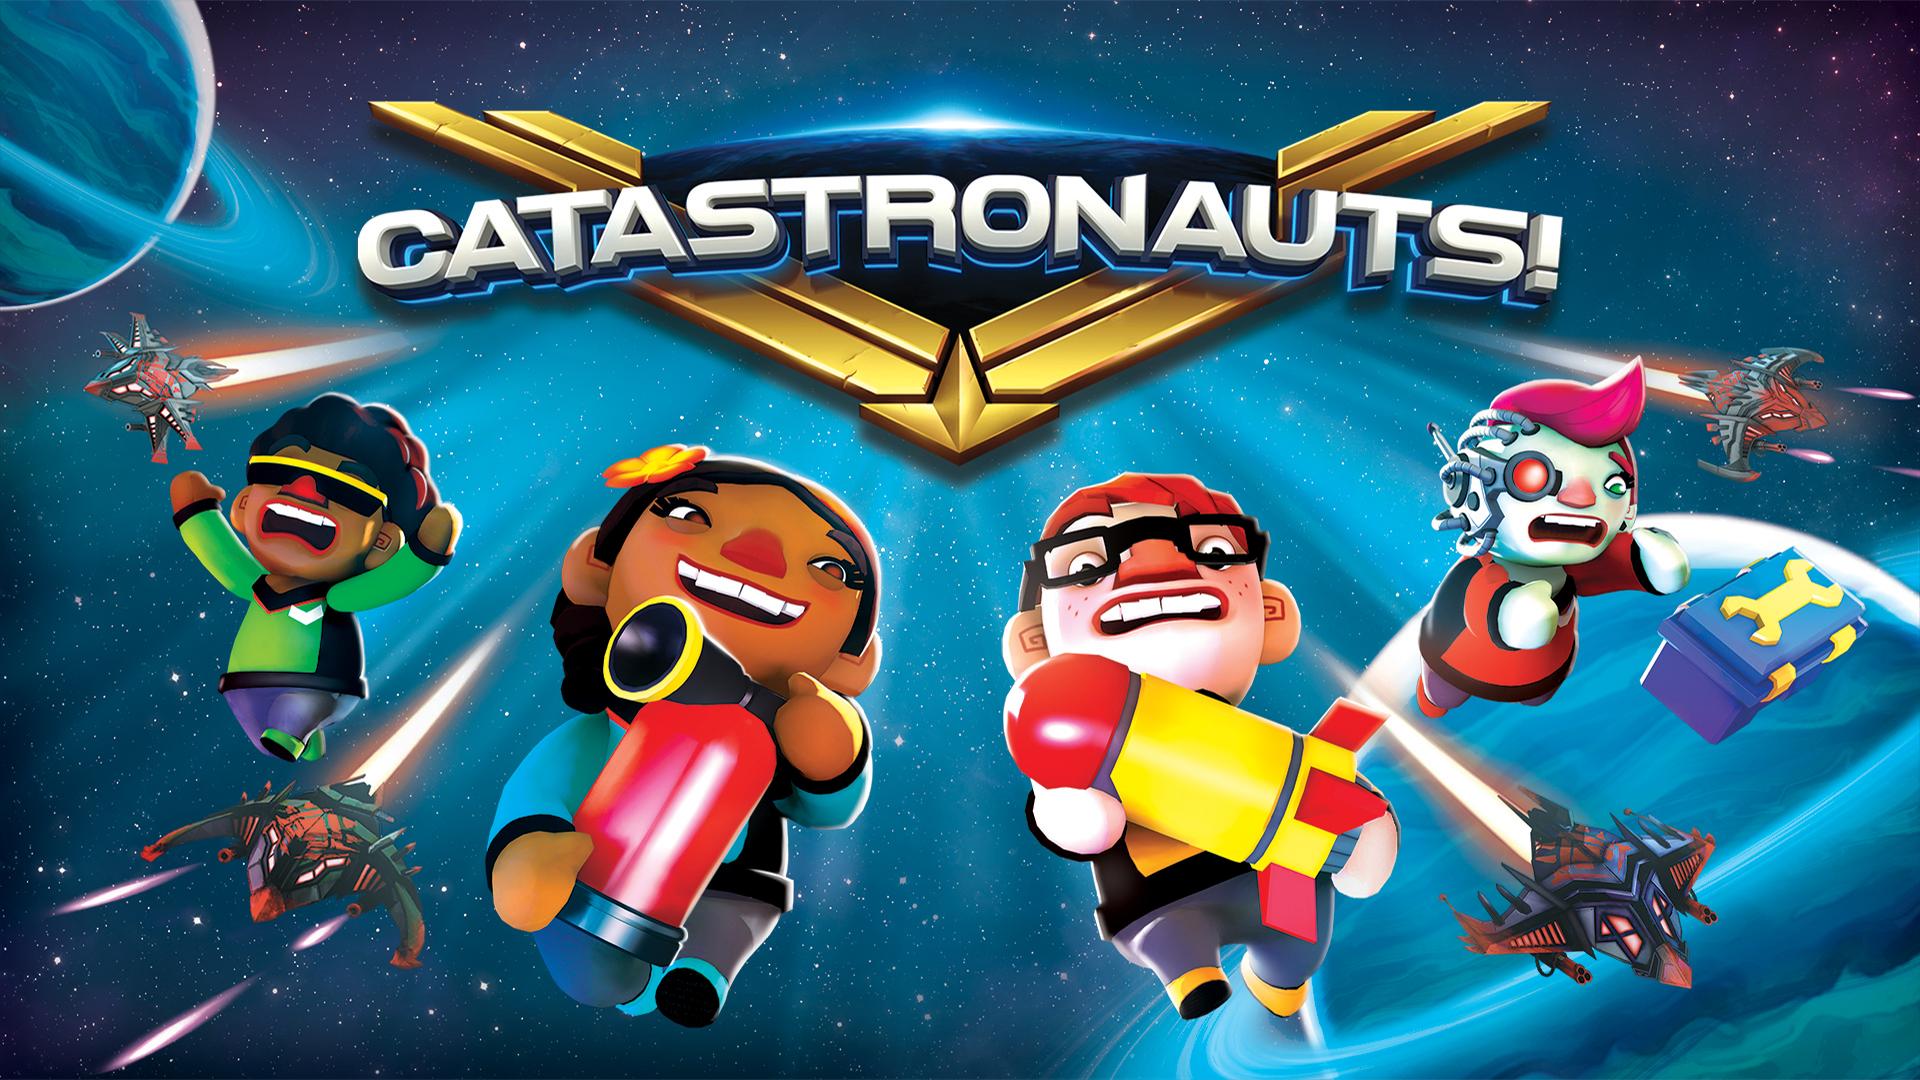 Catastronauts!